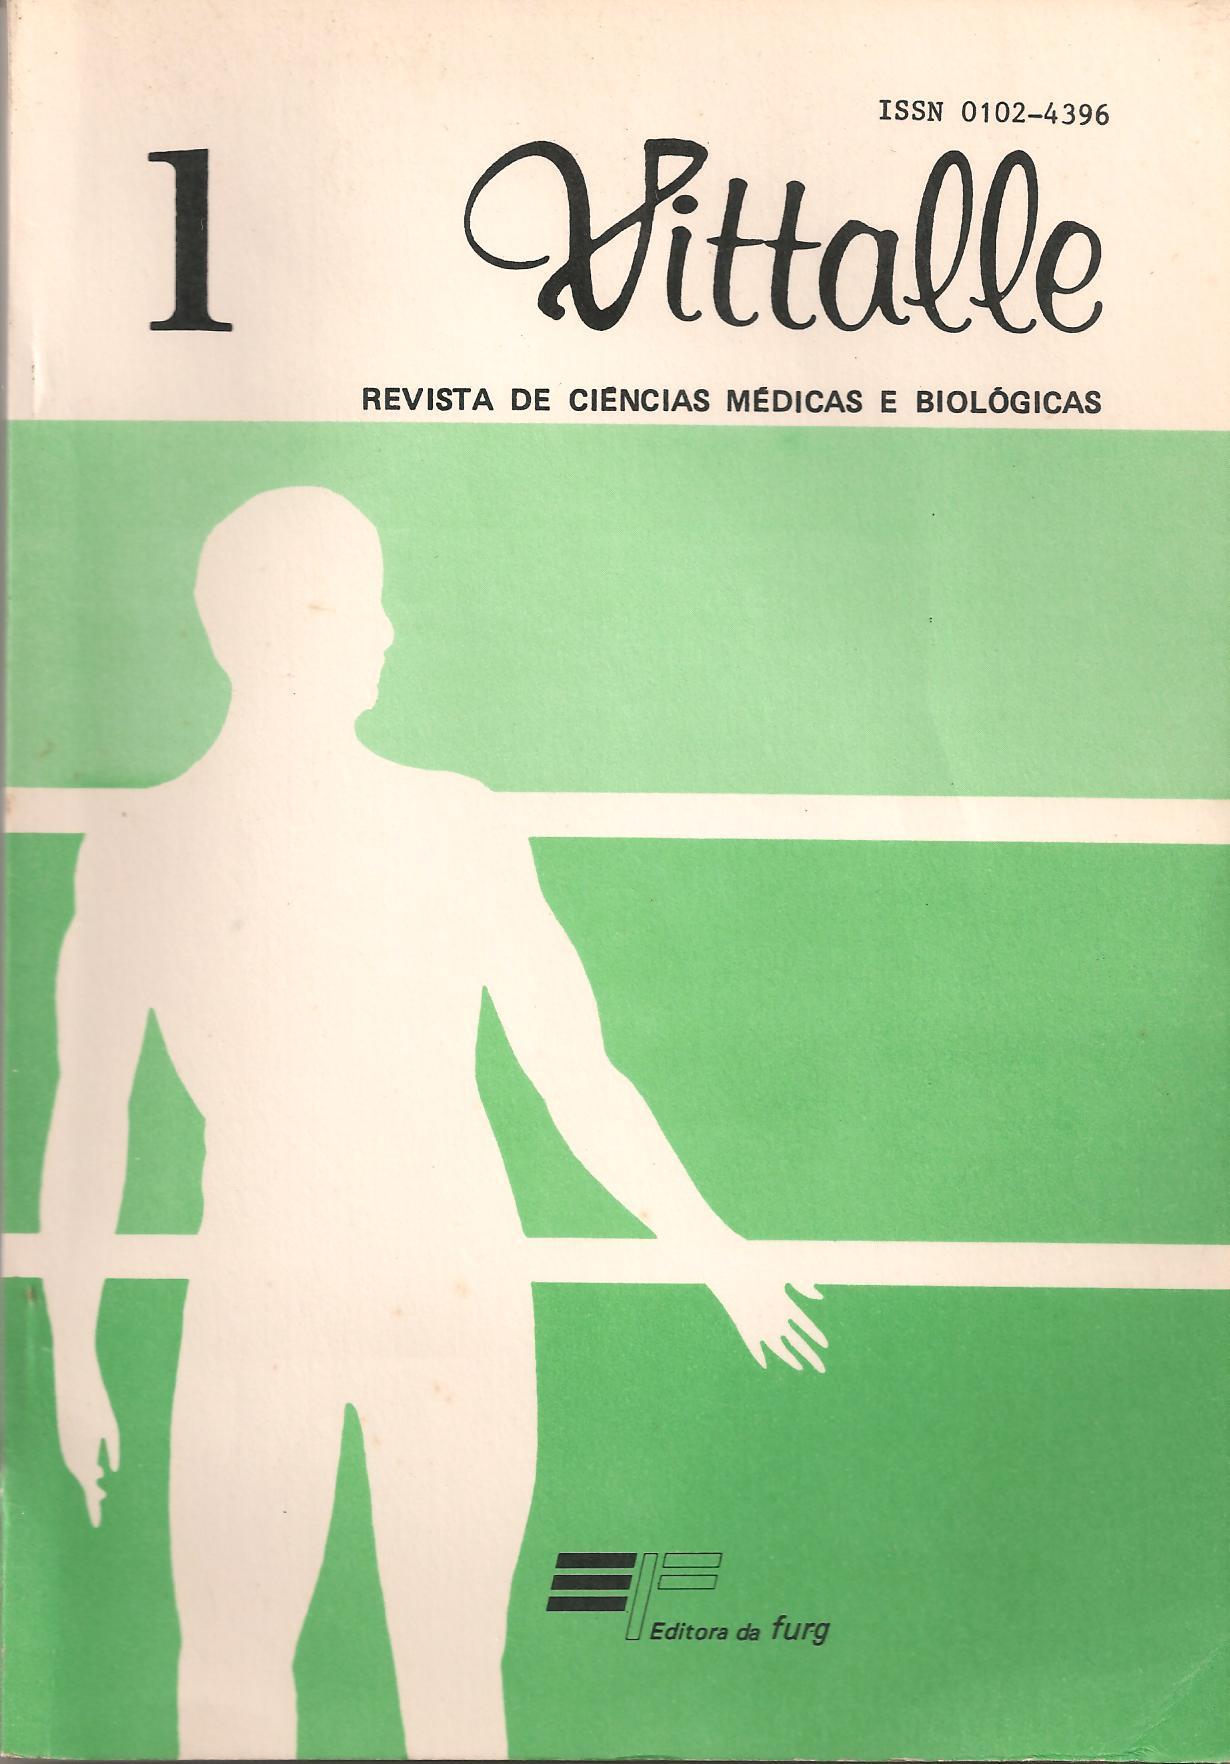 Visualizar v. 1 (1985)